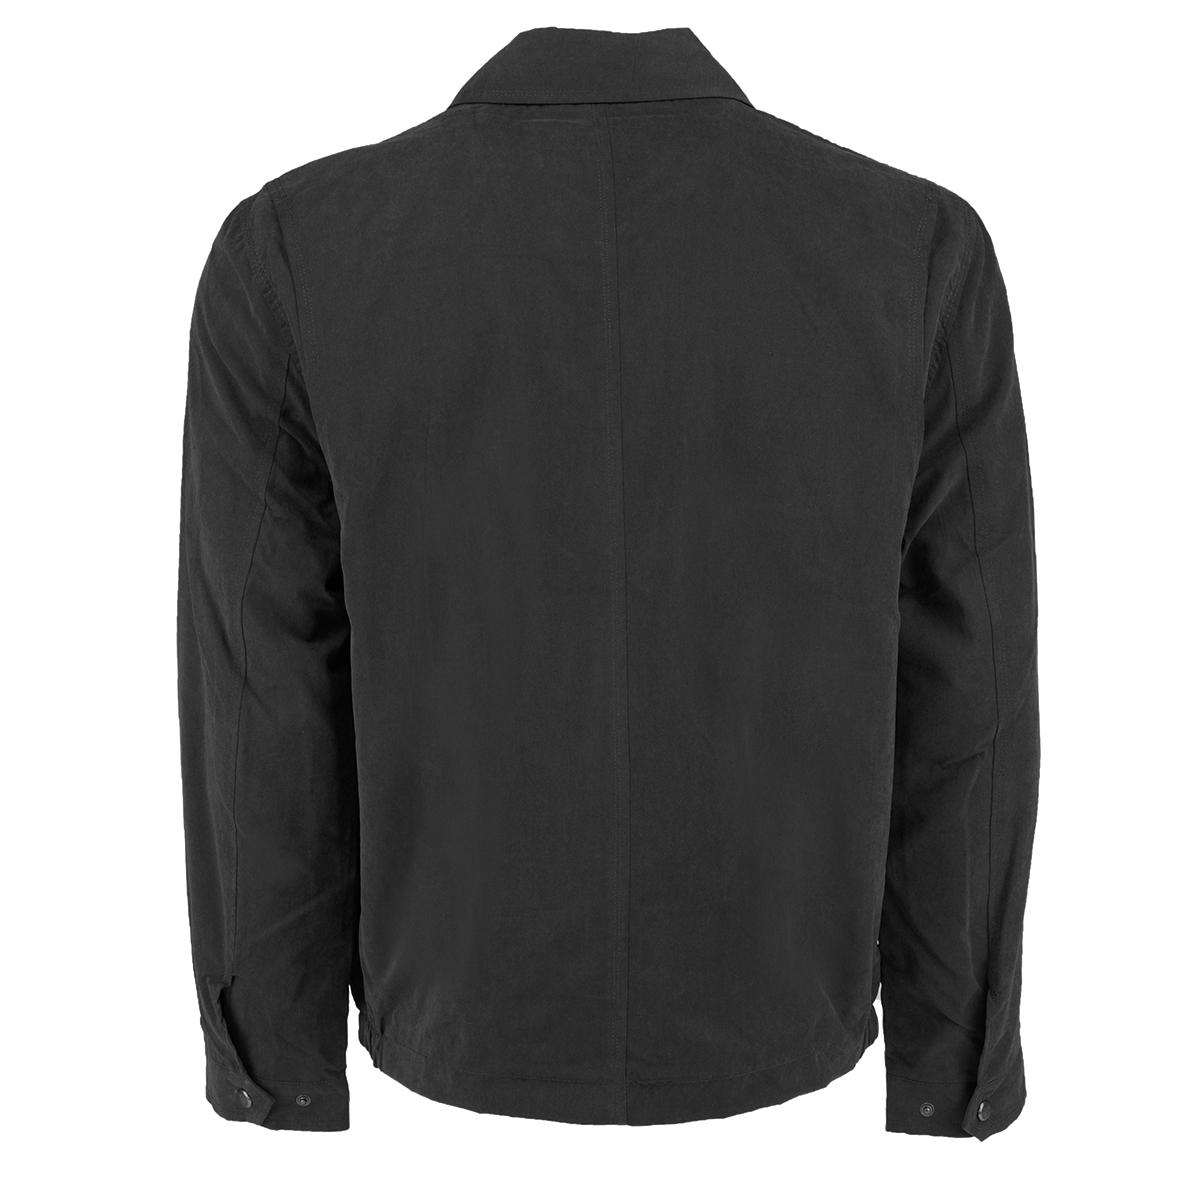 IZOD-Men-039-s-Microfiber-Golf-Jacket thumbnail 6